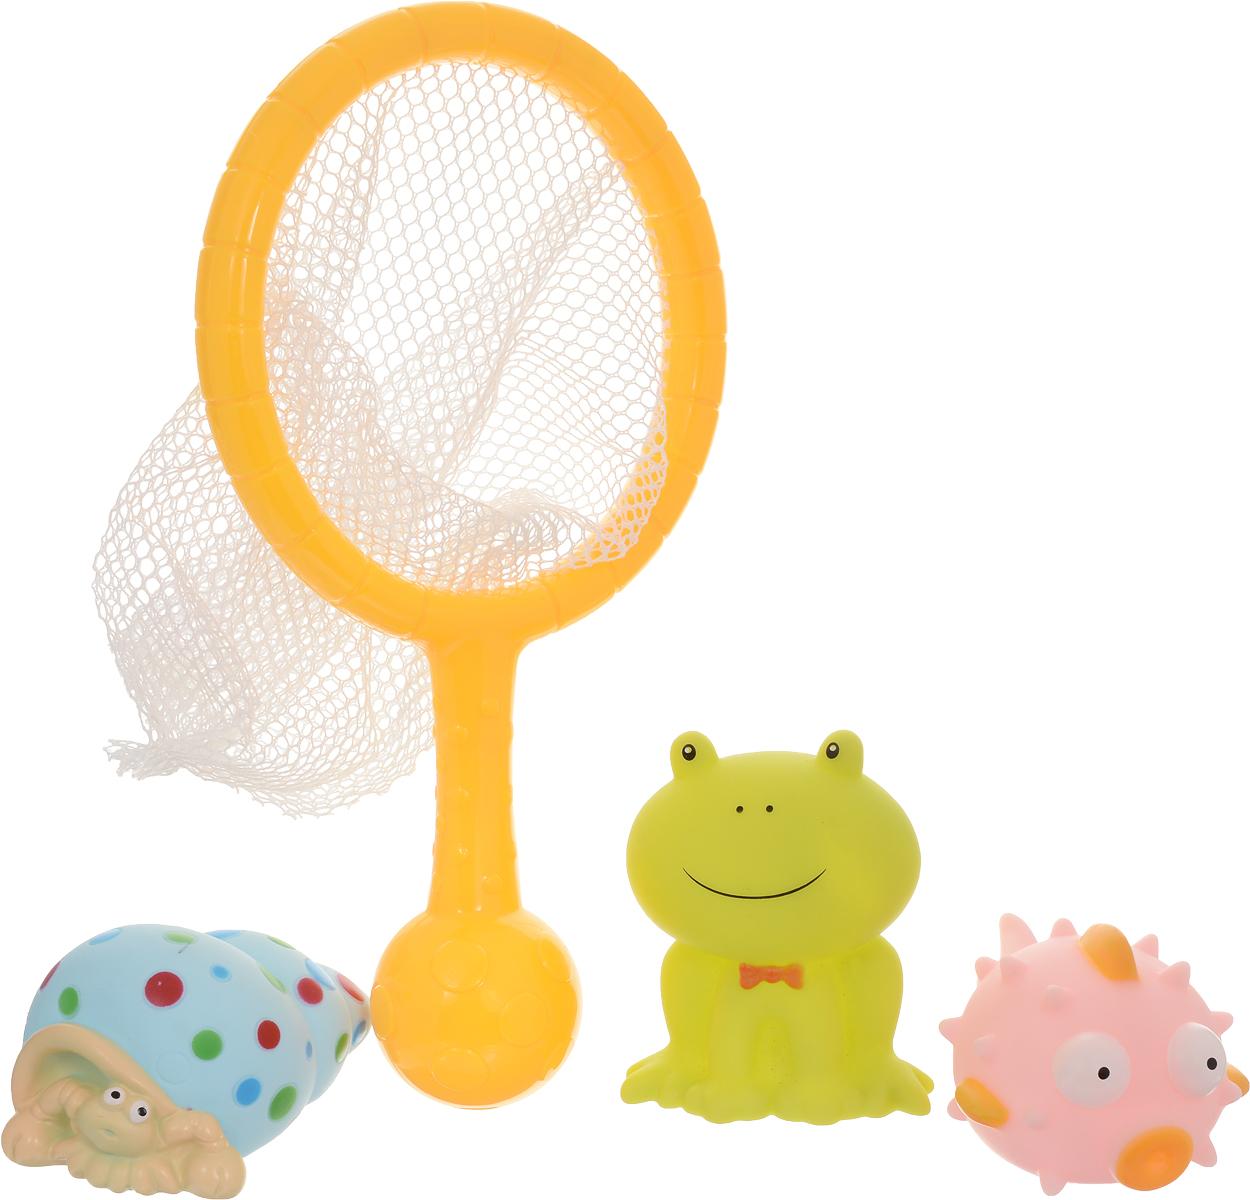 ABtoys Игрушка для ванной Сачок с игрушками Лягушка игрушки для ванны brasco игрушка для ванной крабик с друзьями